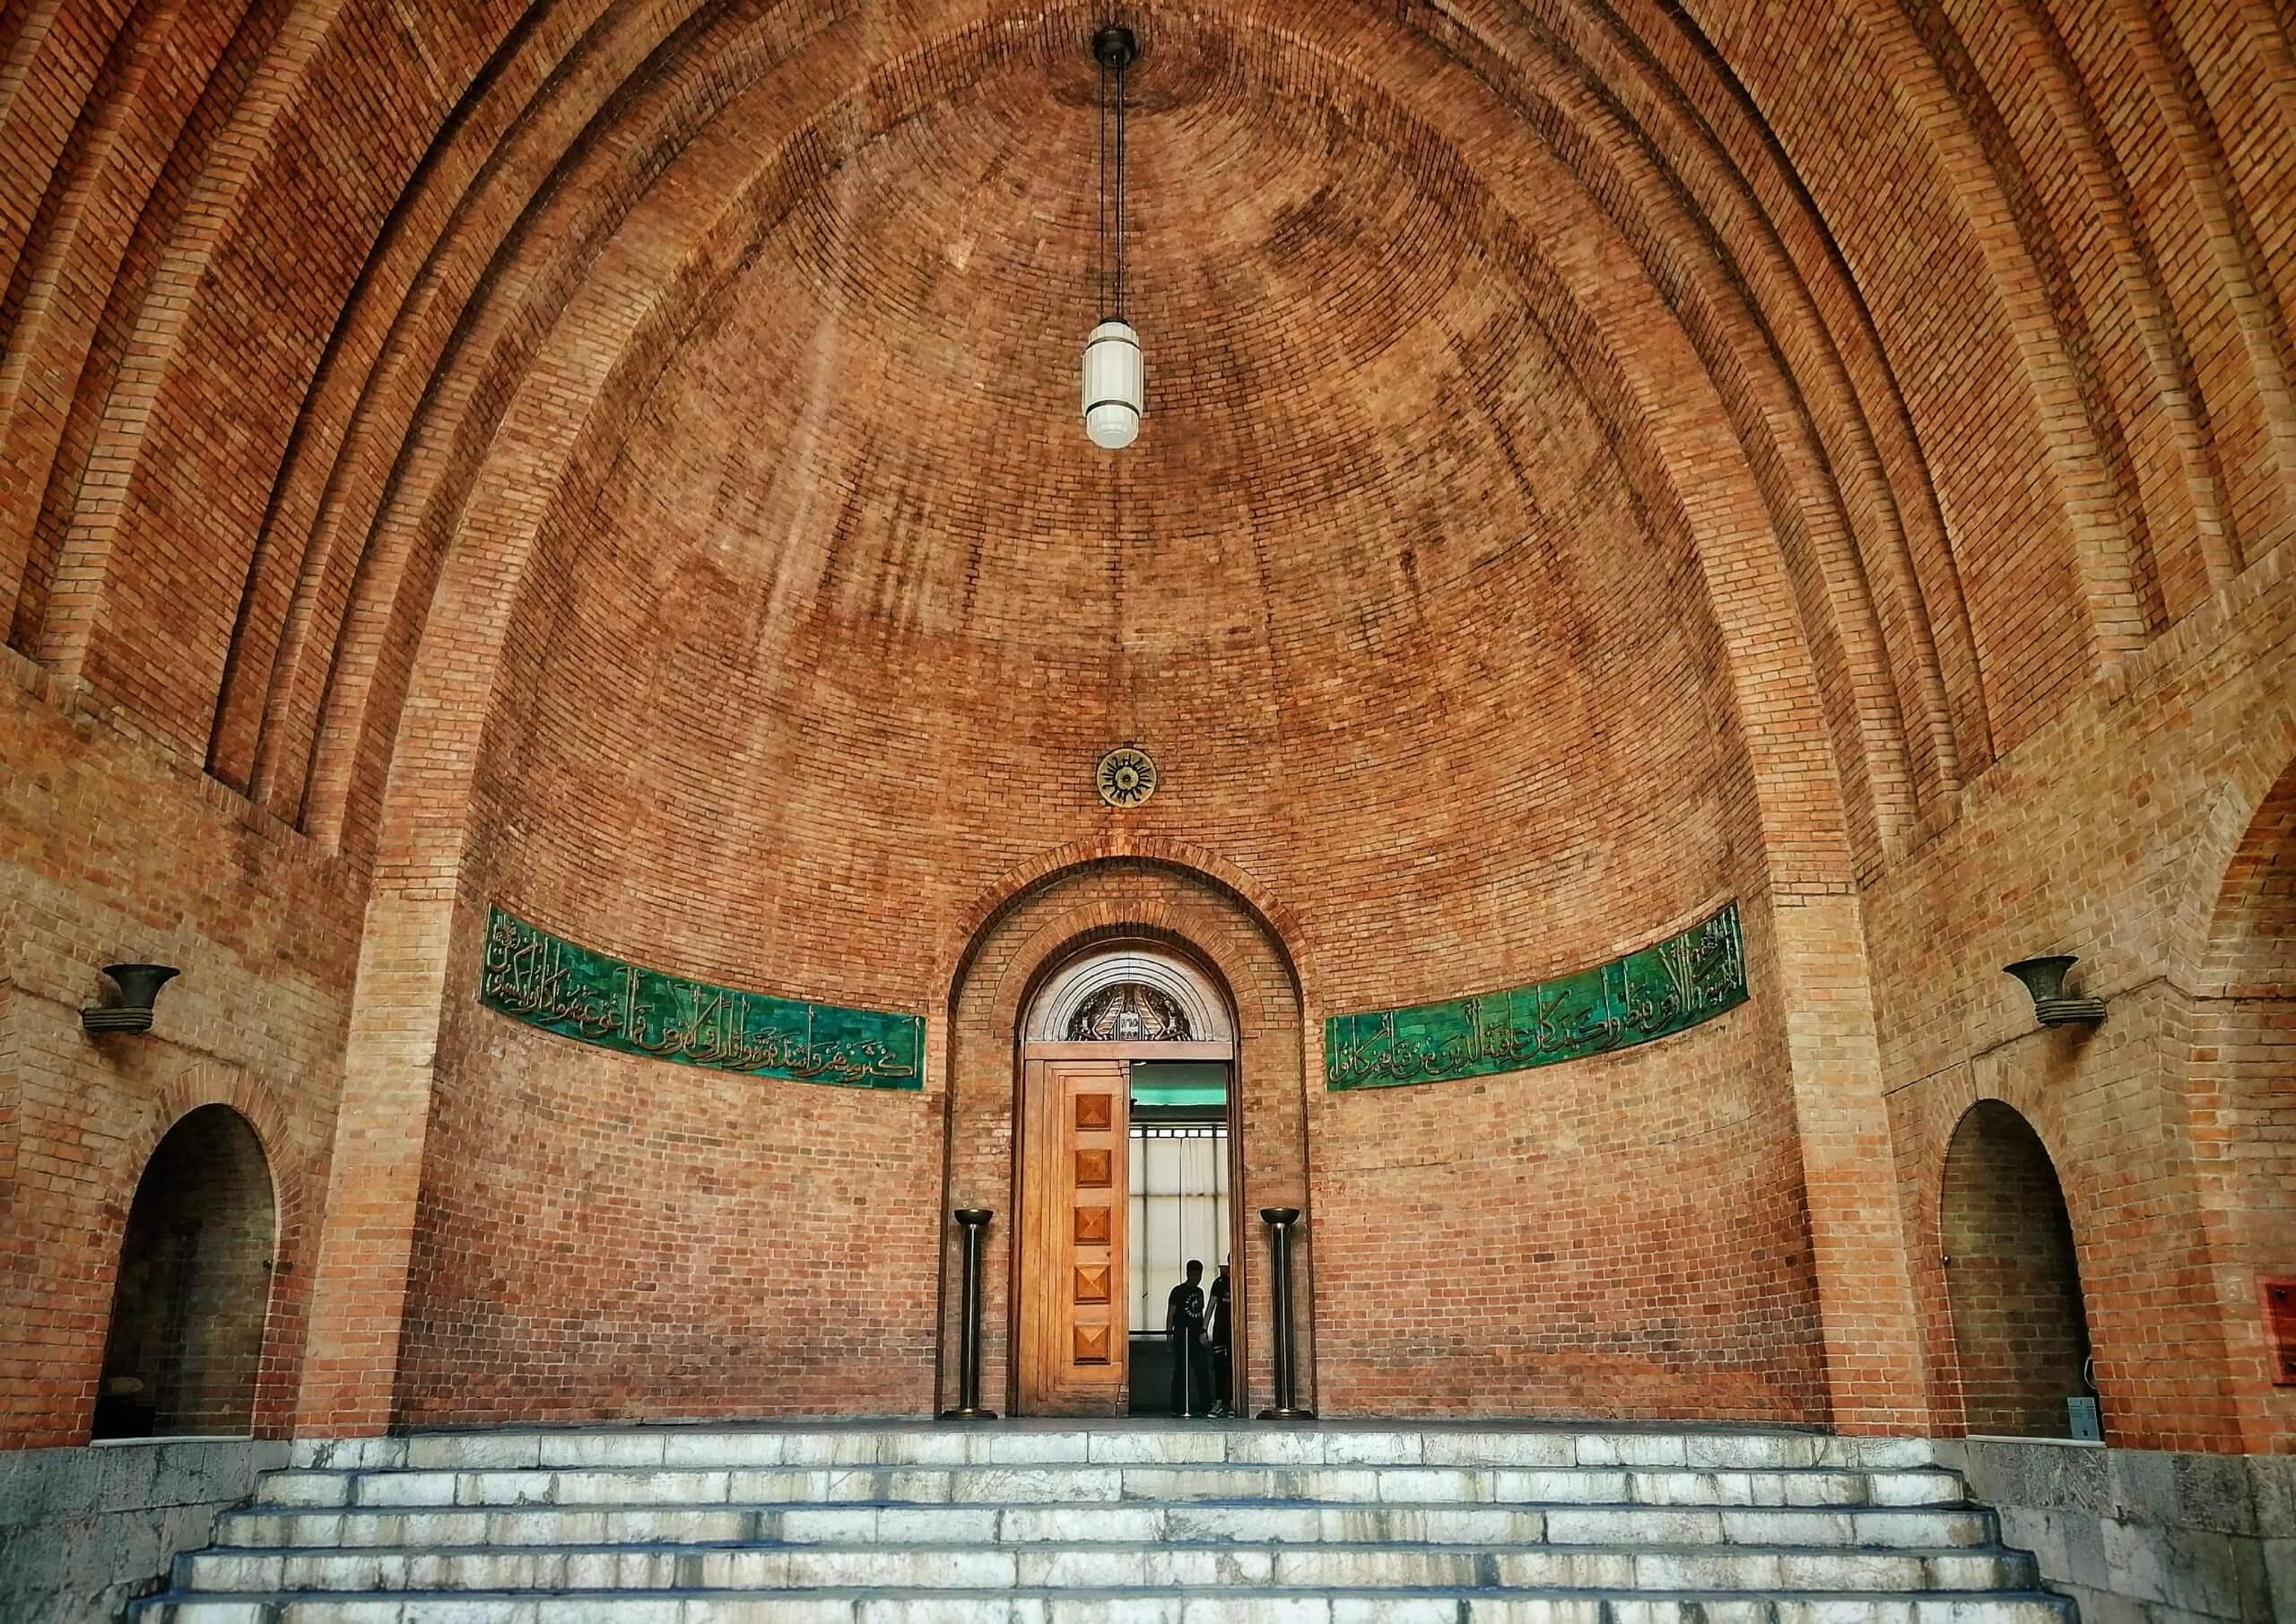 テヘラン:博物館の入口